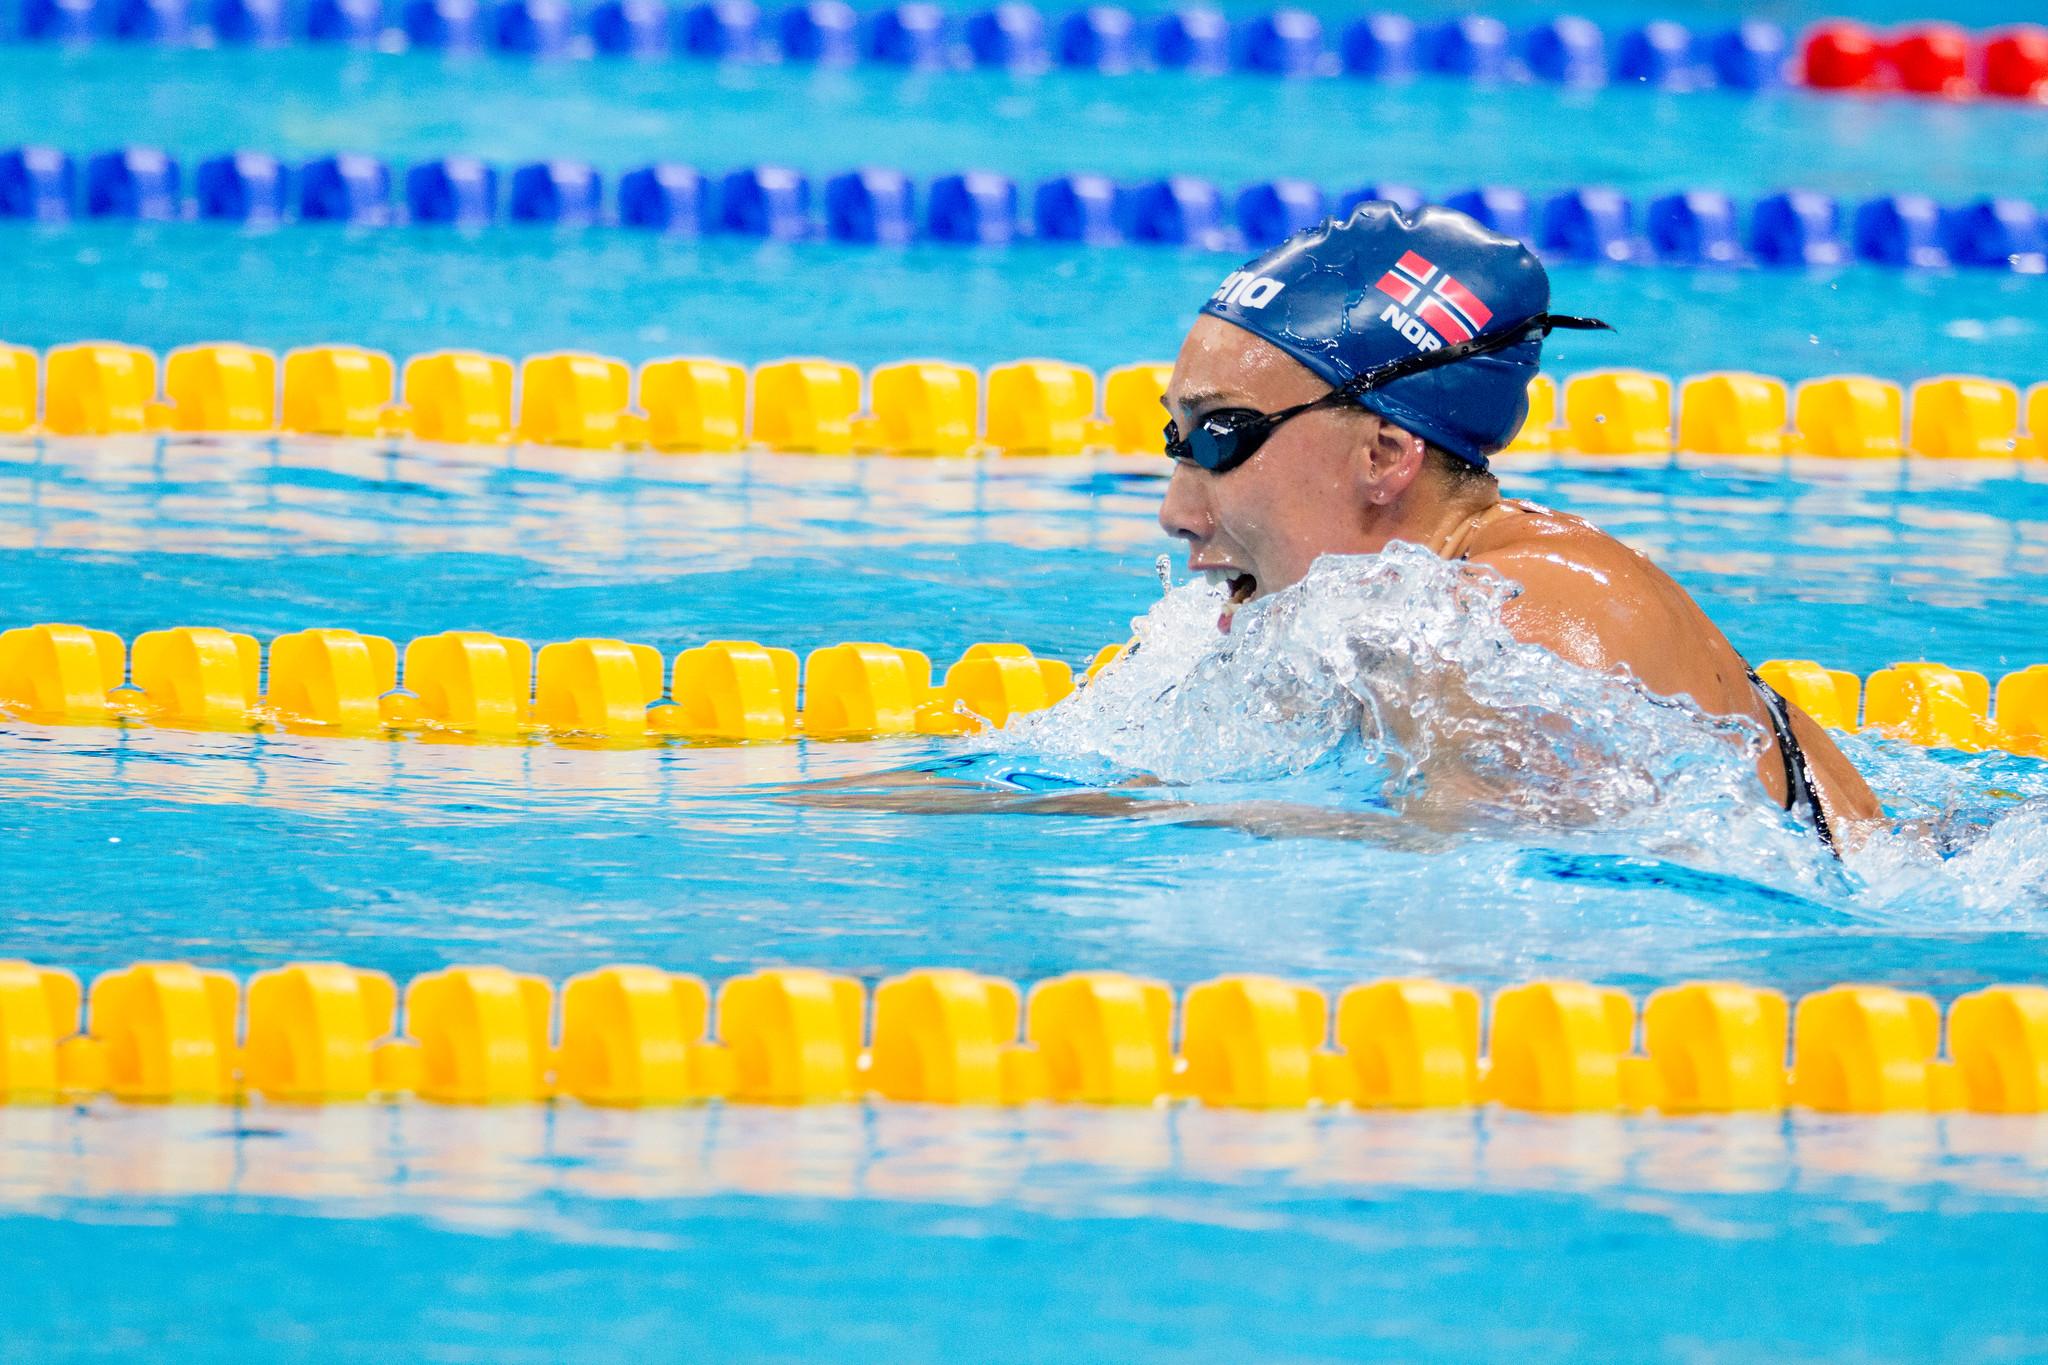 全国中学校水泳競技2018競泳女子結果速報・日程タイムテーブル・テレビ放送!